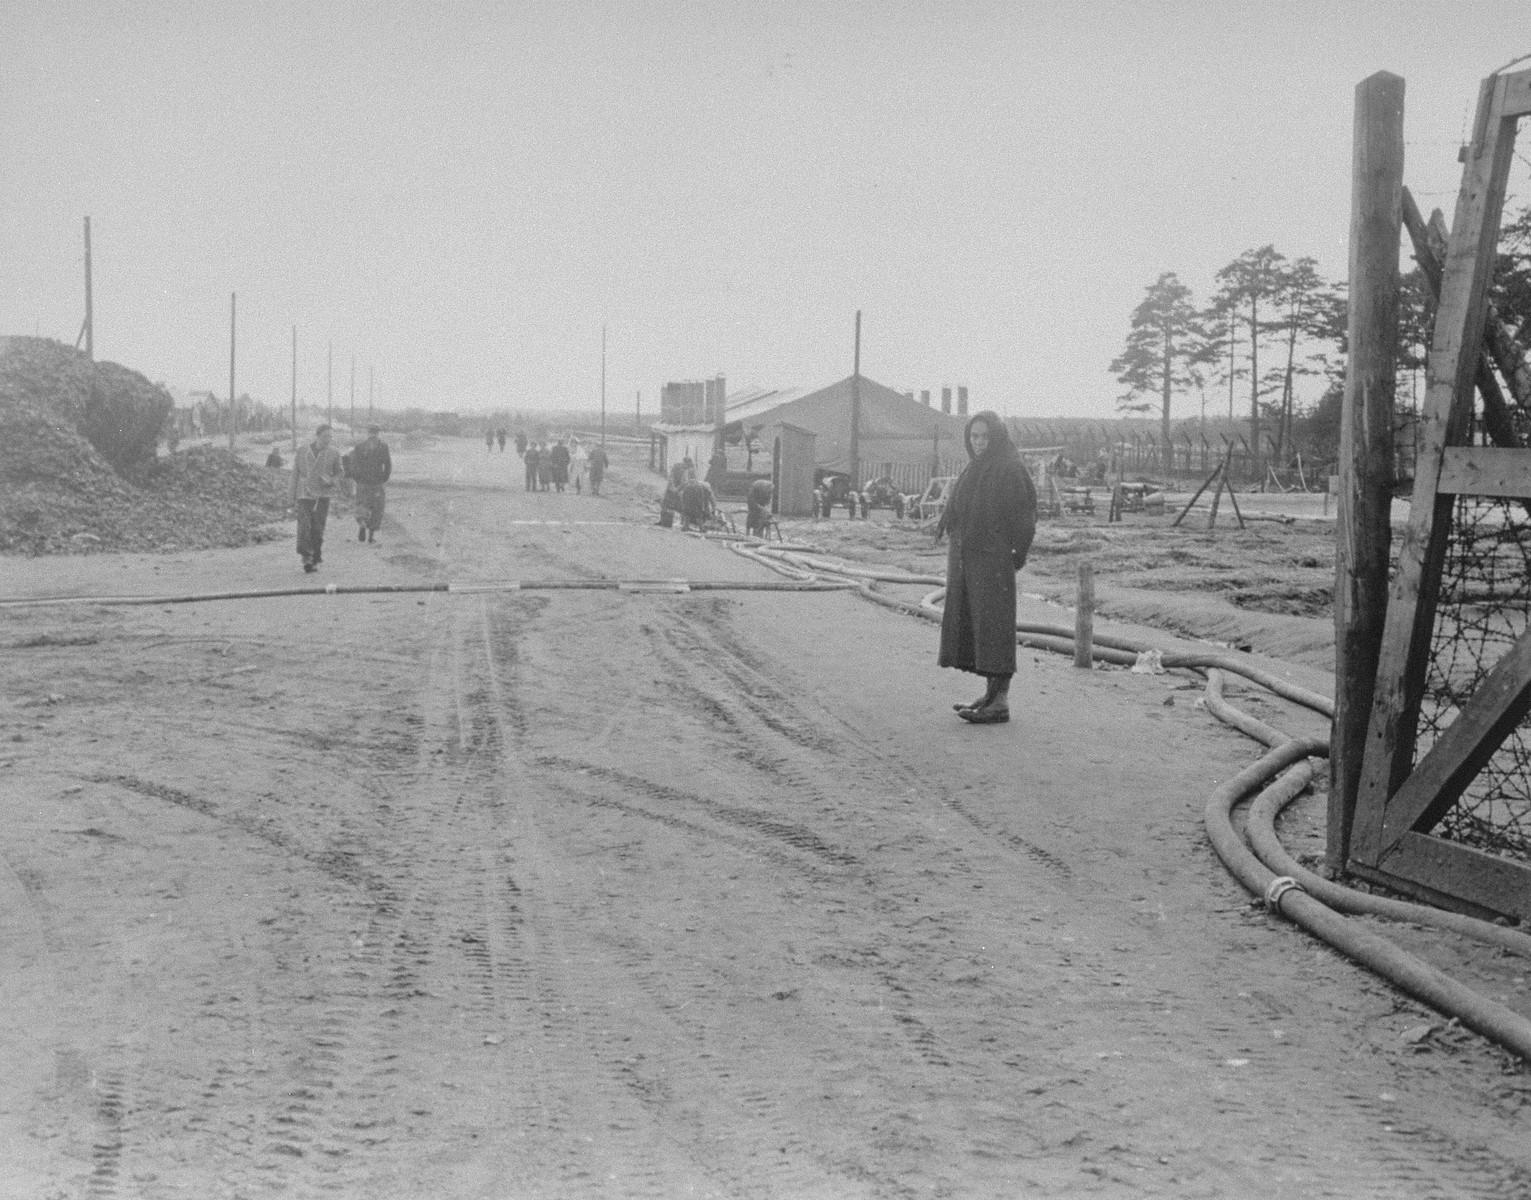 The main camp street in Bergen-Belsen.